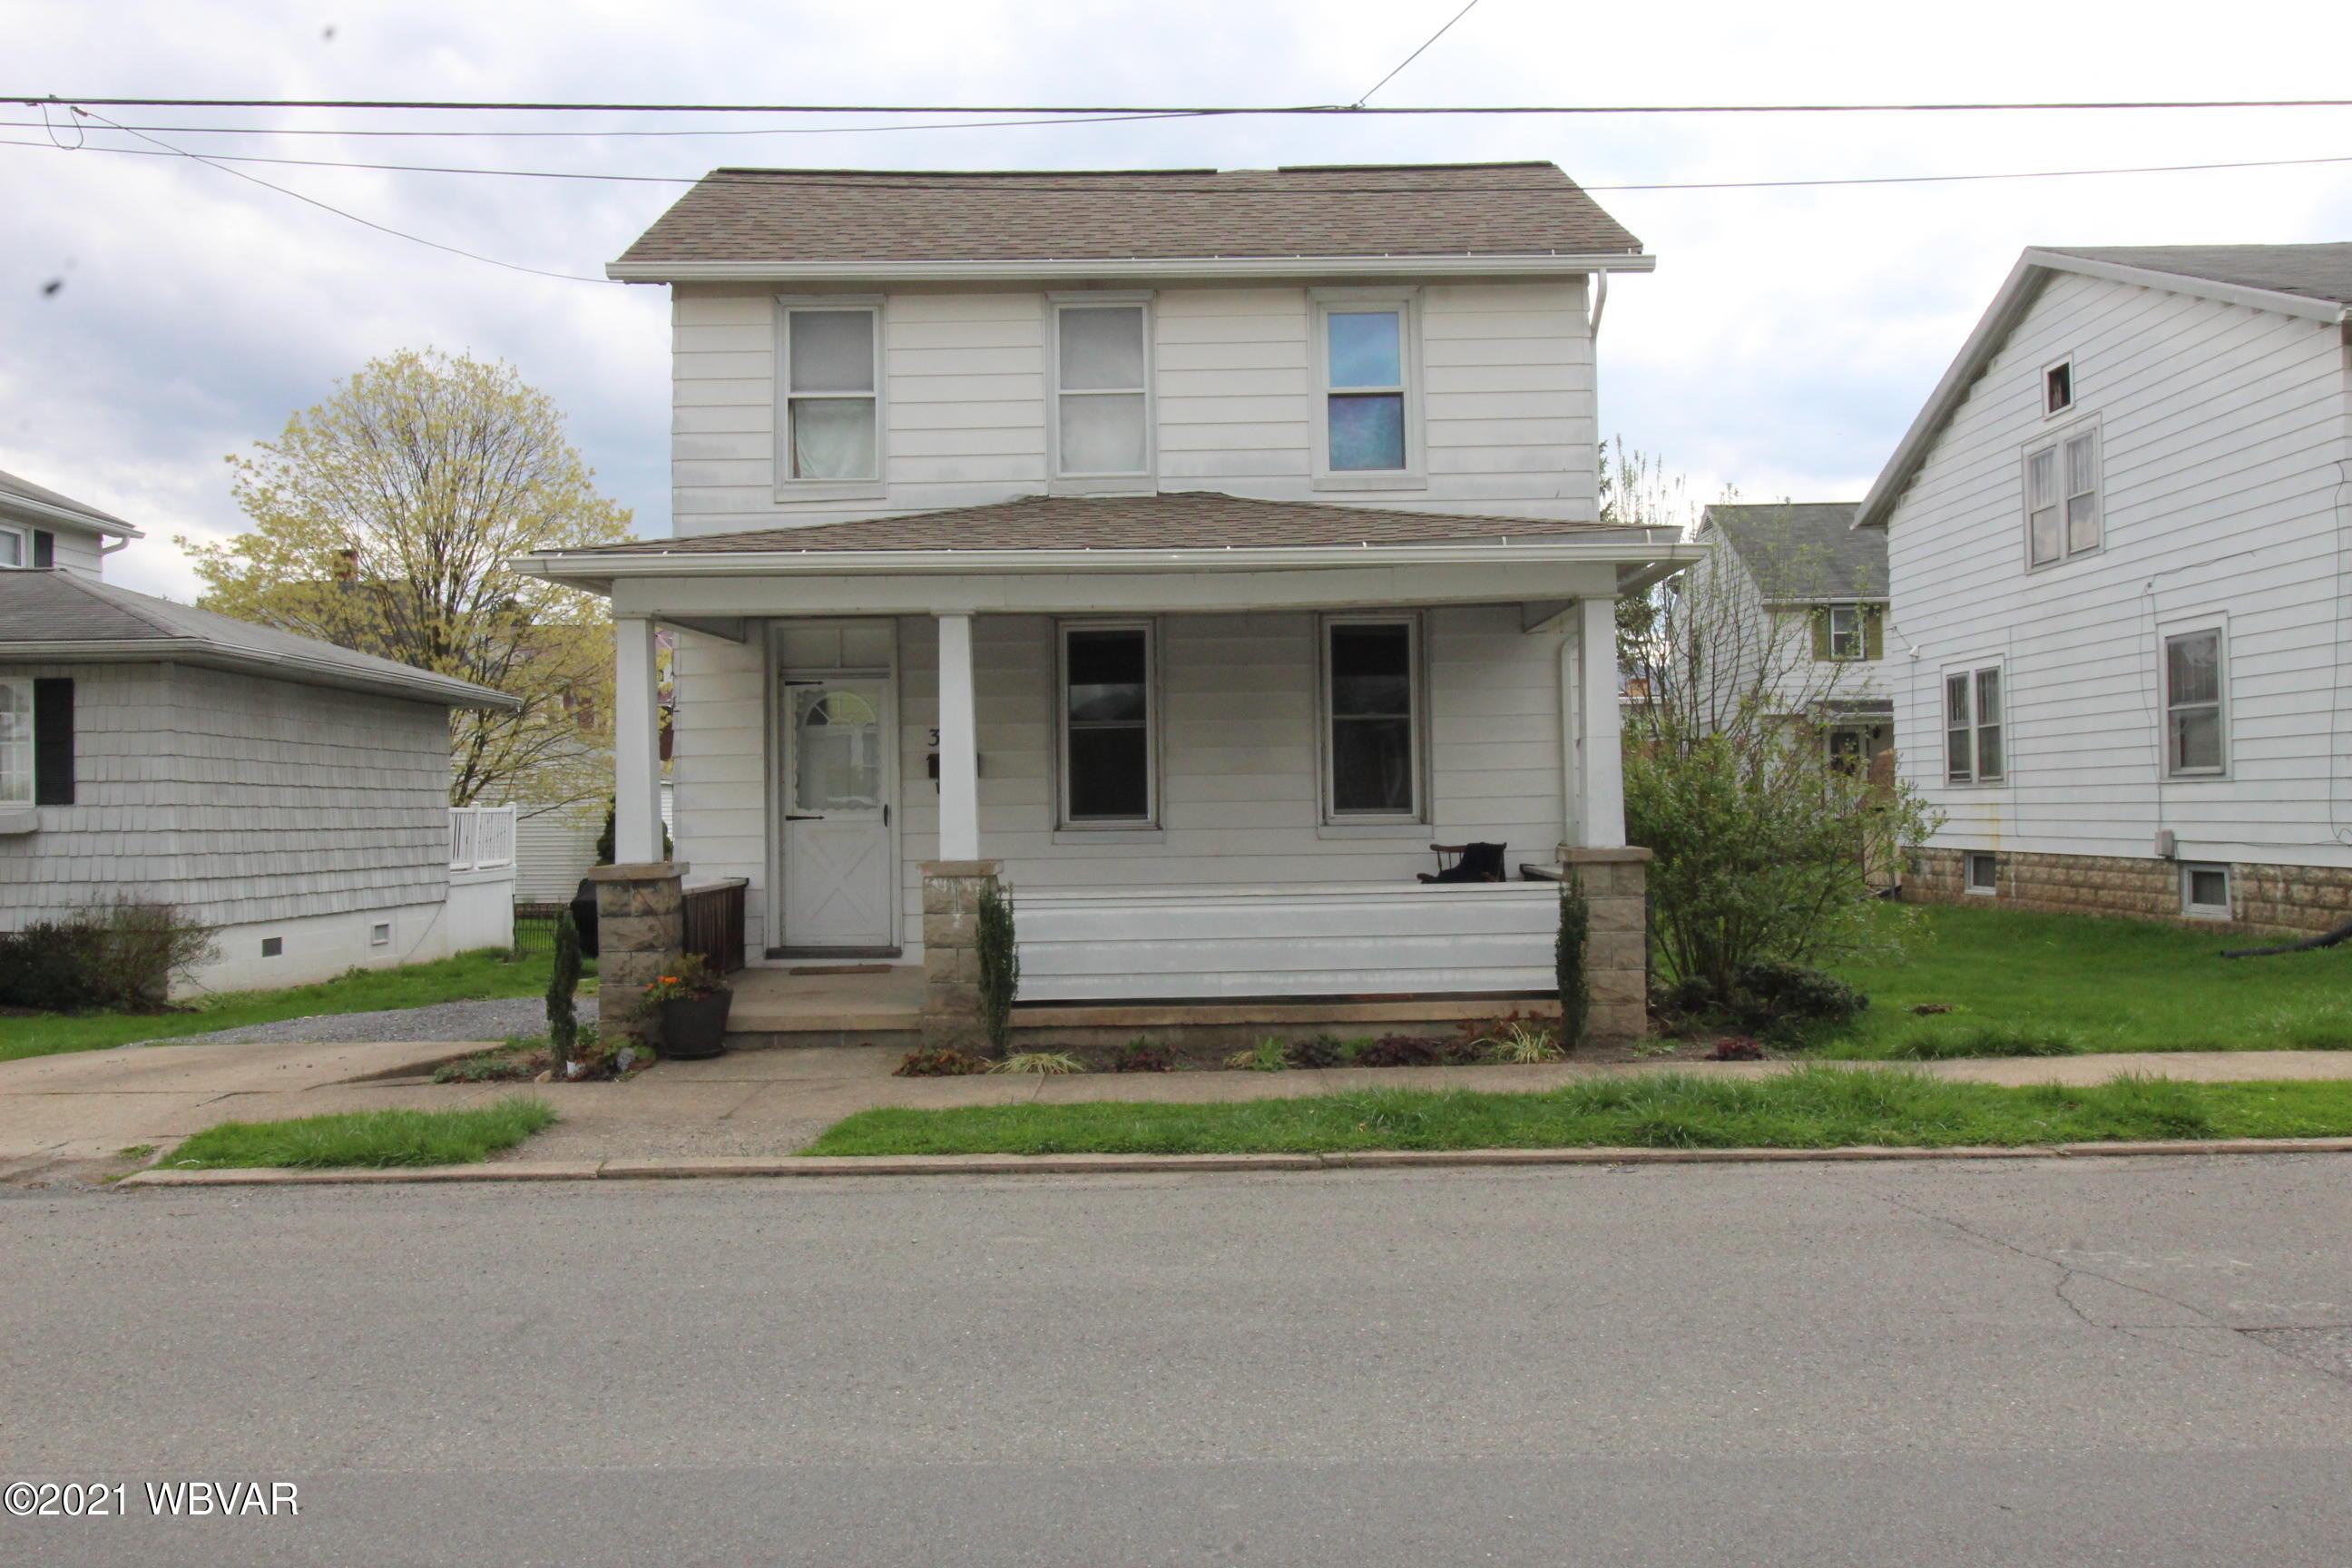 354 ADAMS STREET, Williamsport, PA 17701, 5 Bedrooms Bedrooms, ,2 BathroomsBathrooms,Residential,For sale,ADAMS,WB-92329